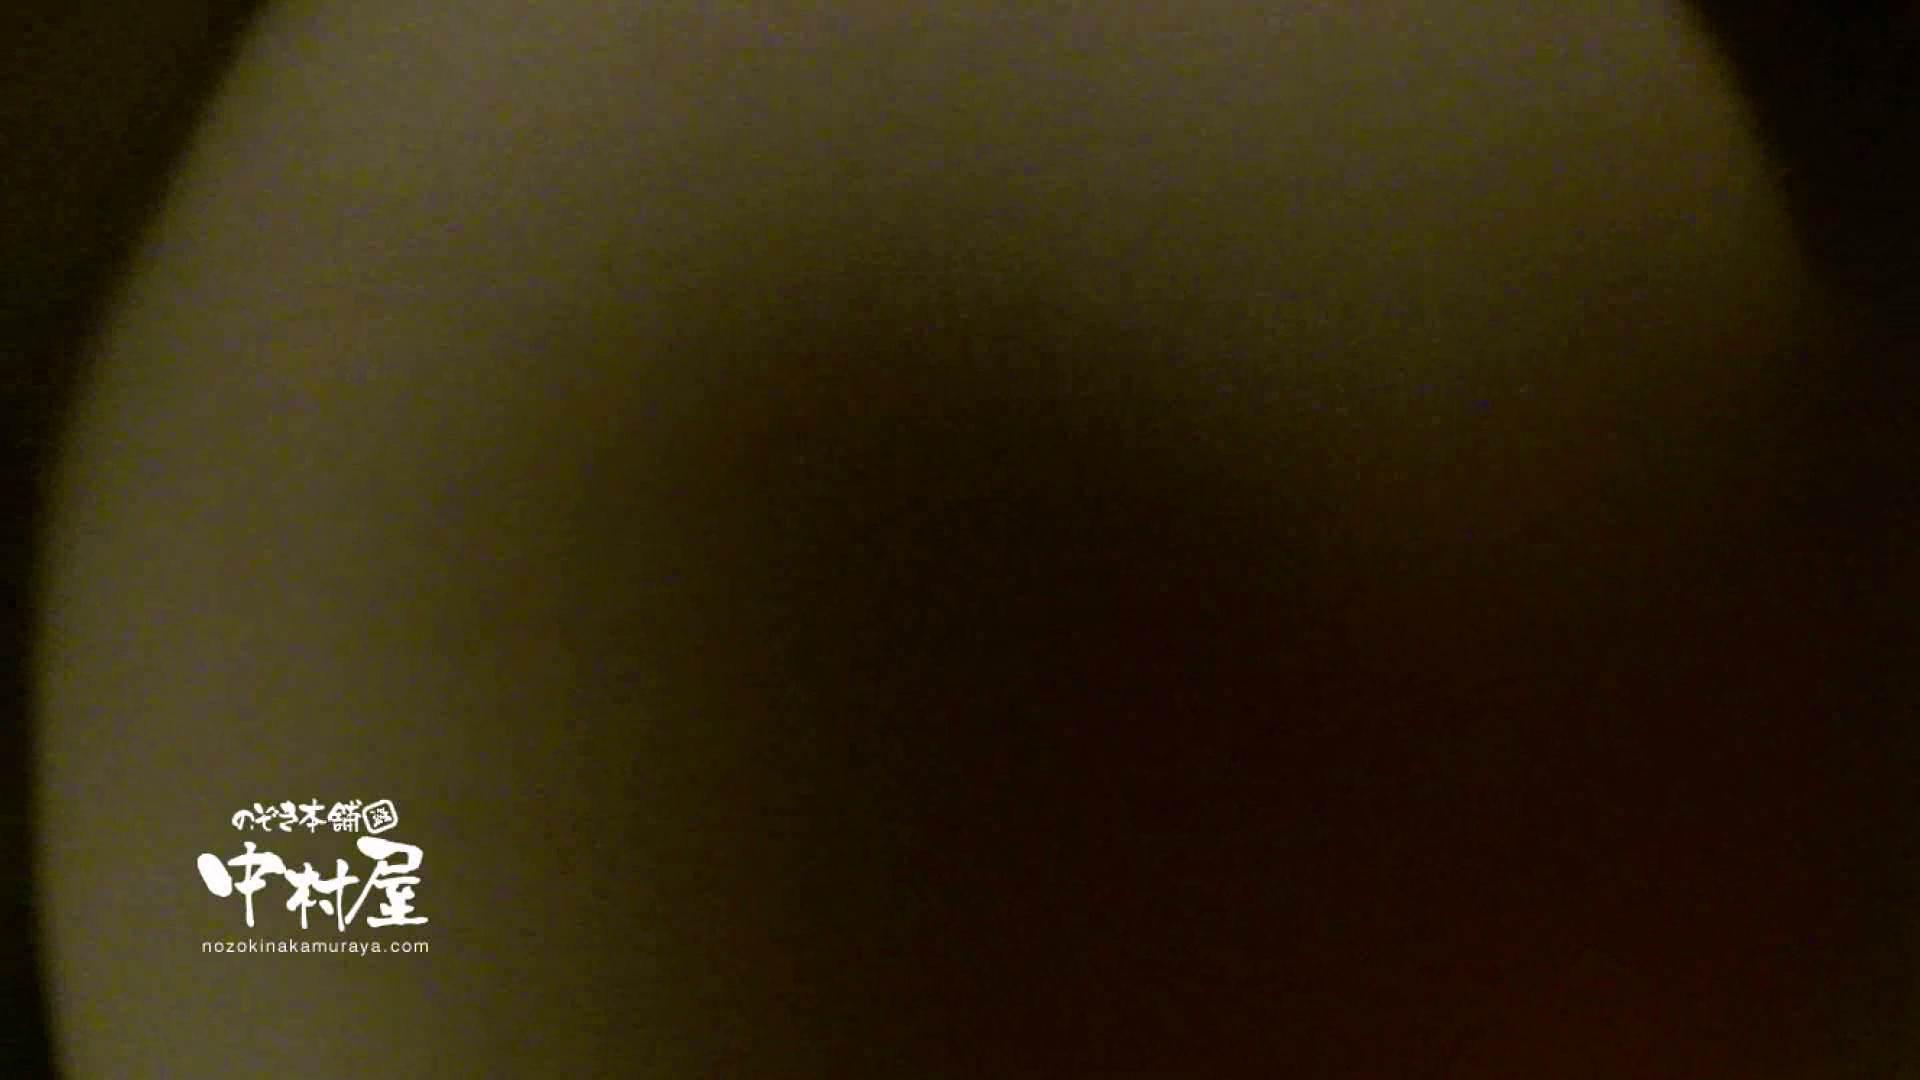 鬼畜 vol.17 中に出さないでください(アニメ声で懇願) 前編 美しいOLの裸体 | 鬼畜  104pic 69